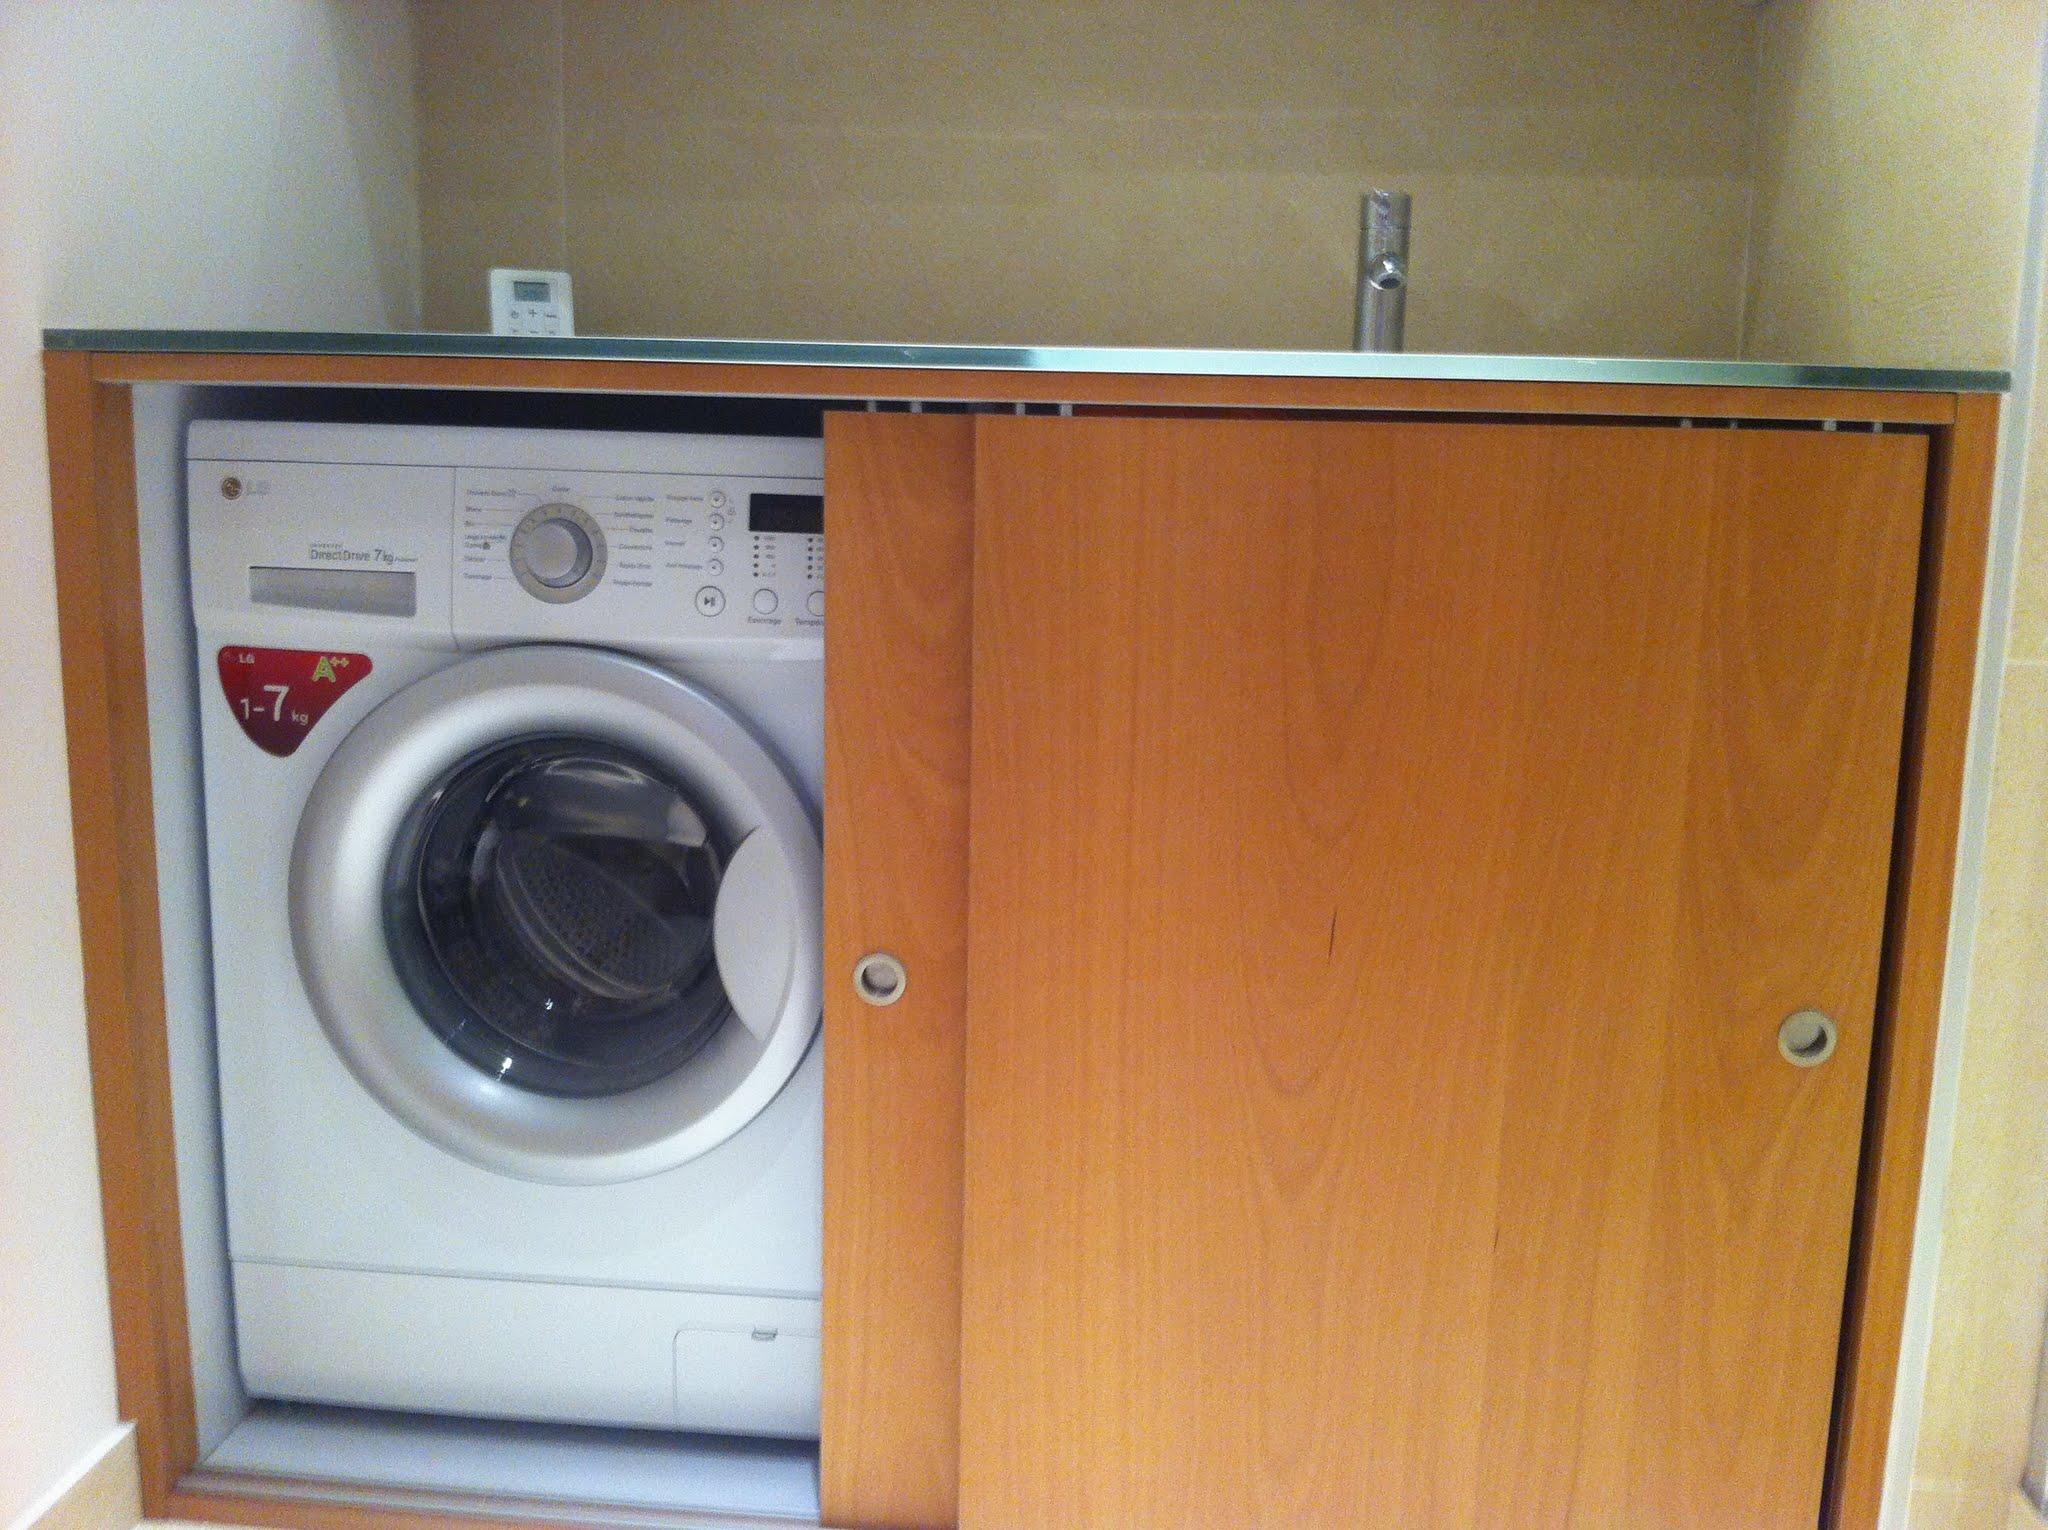 R novation d 39 une salle de bain avec lave linge dans meuble - Meuble pour lave linge encastrable ikea ...